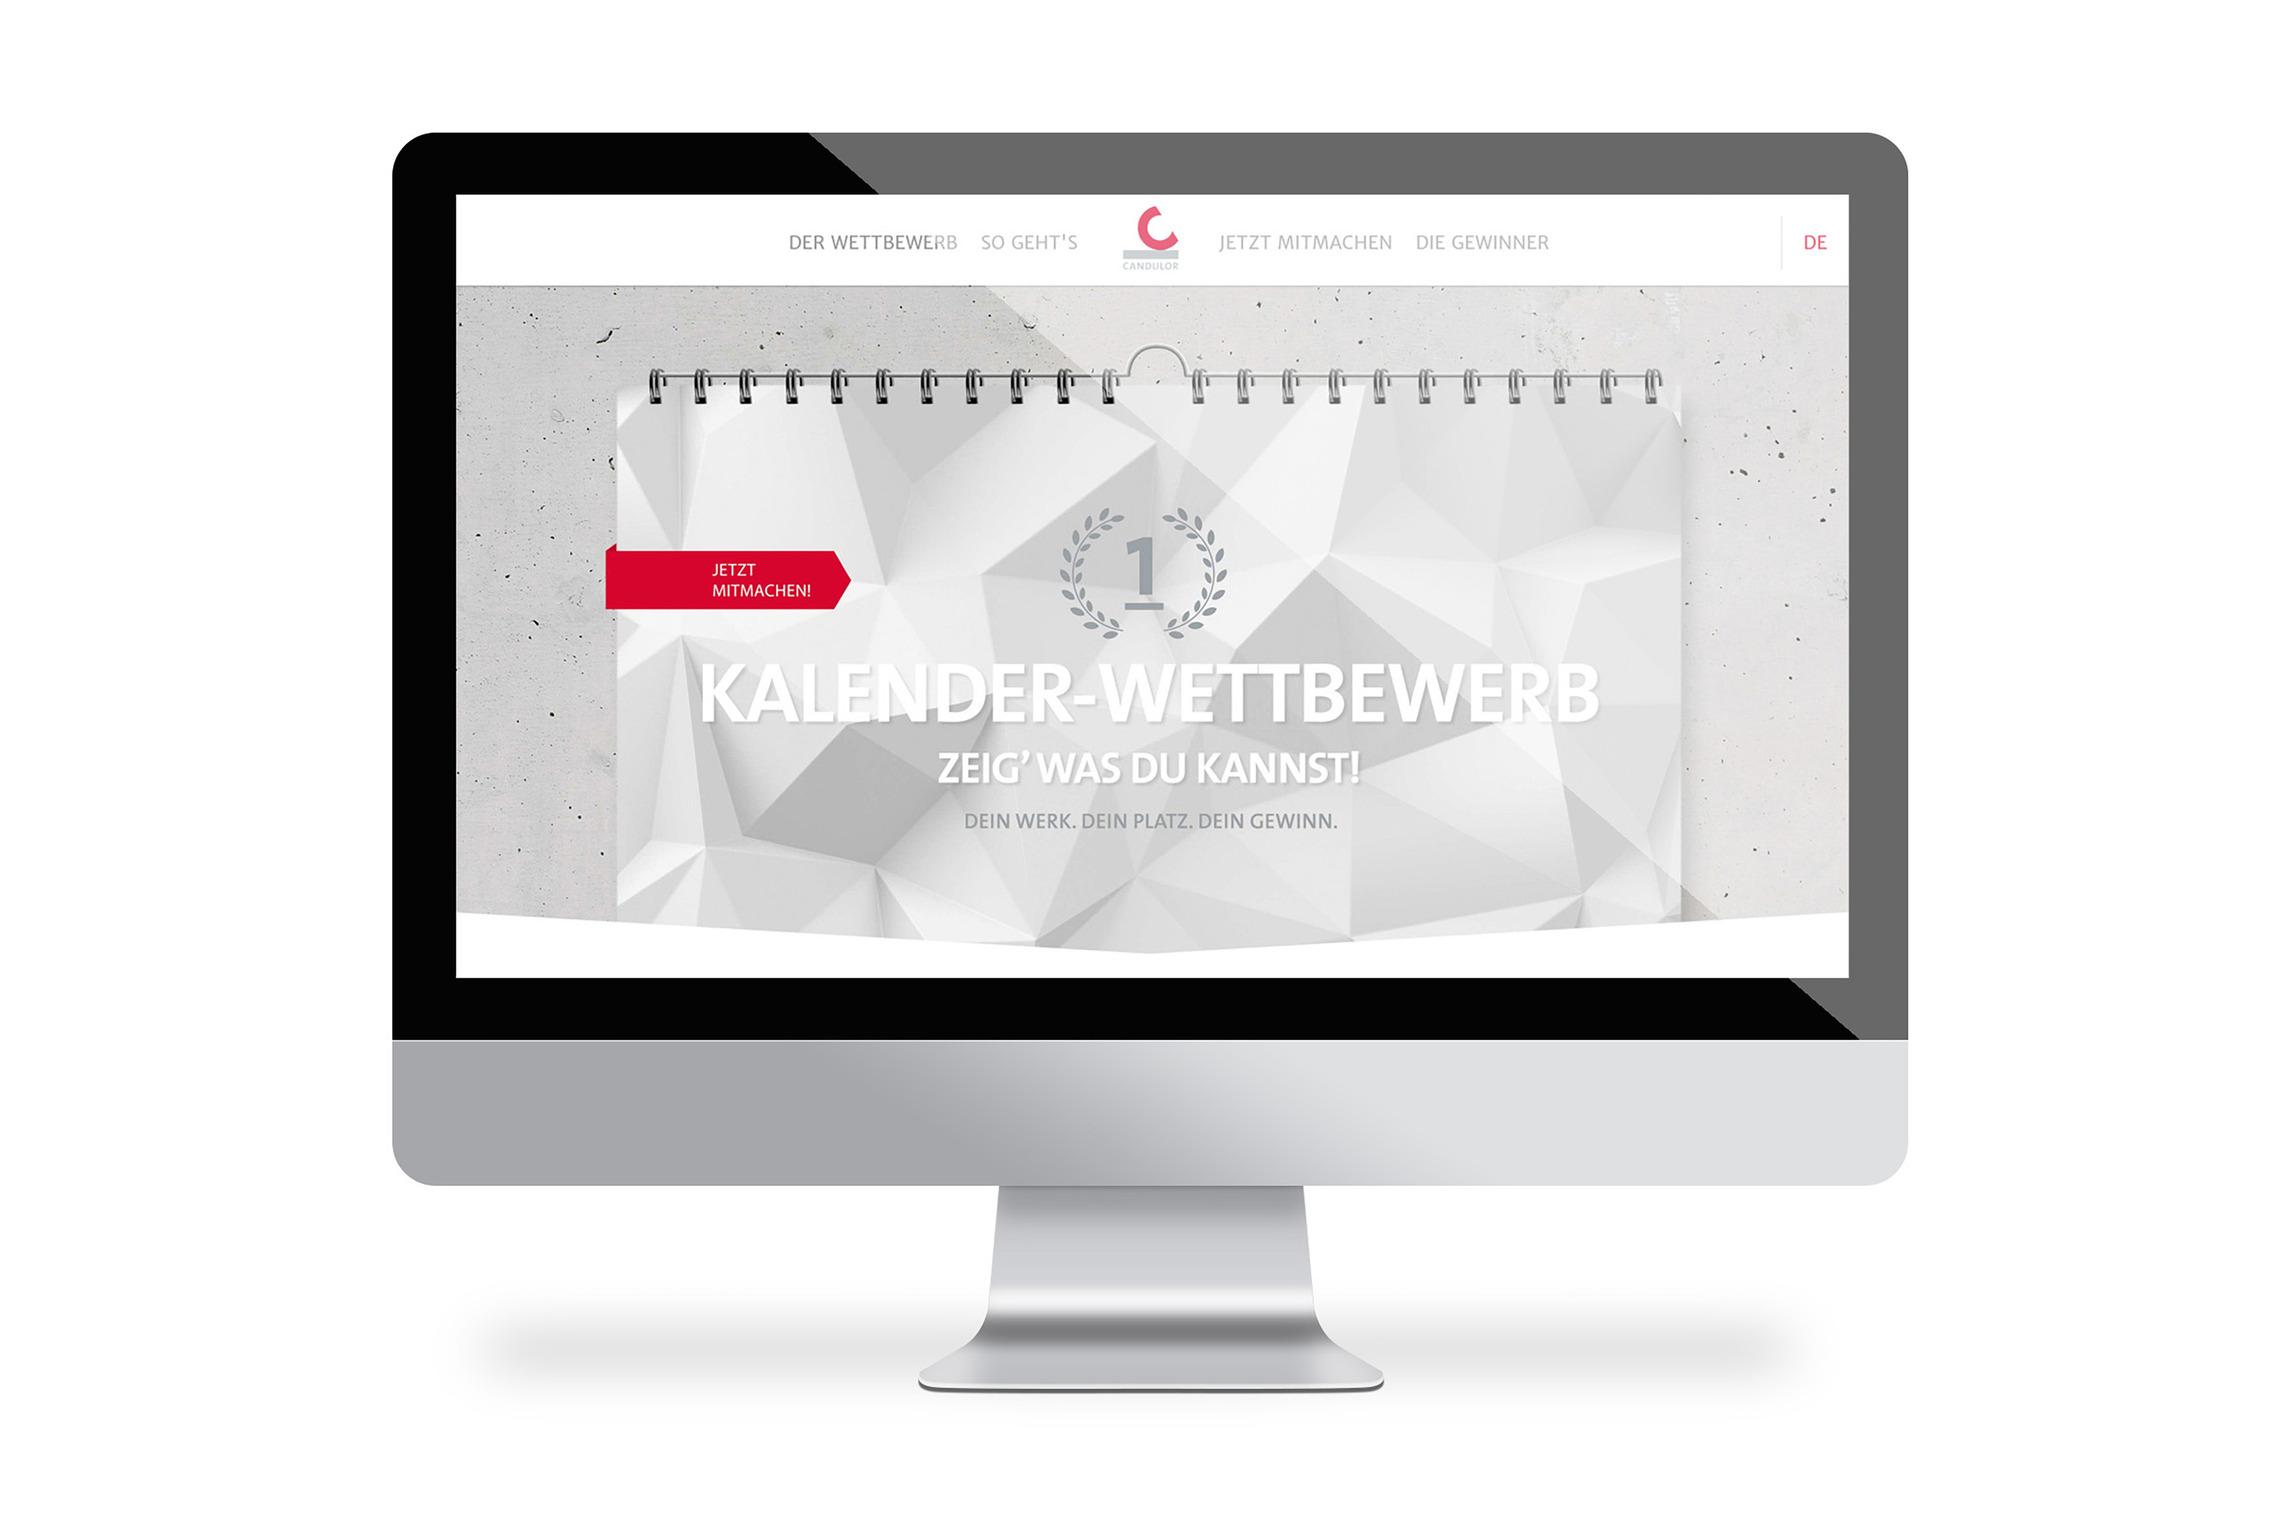 Für besondere Themenbereiche und Aktionen werden eigene Landingpages gestaltet und programmiert.